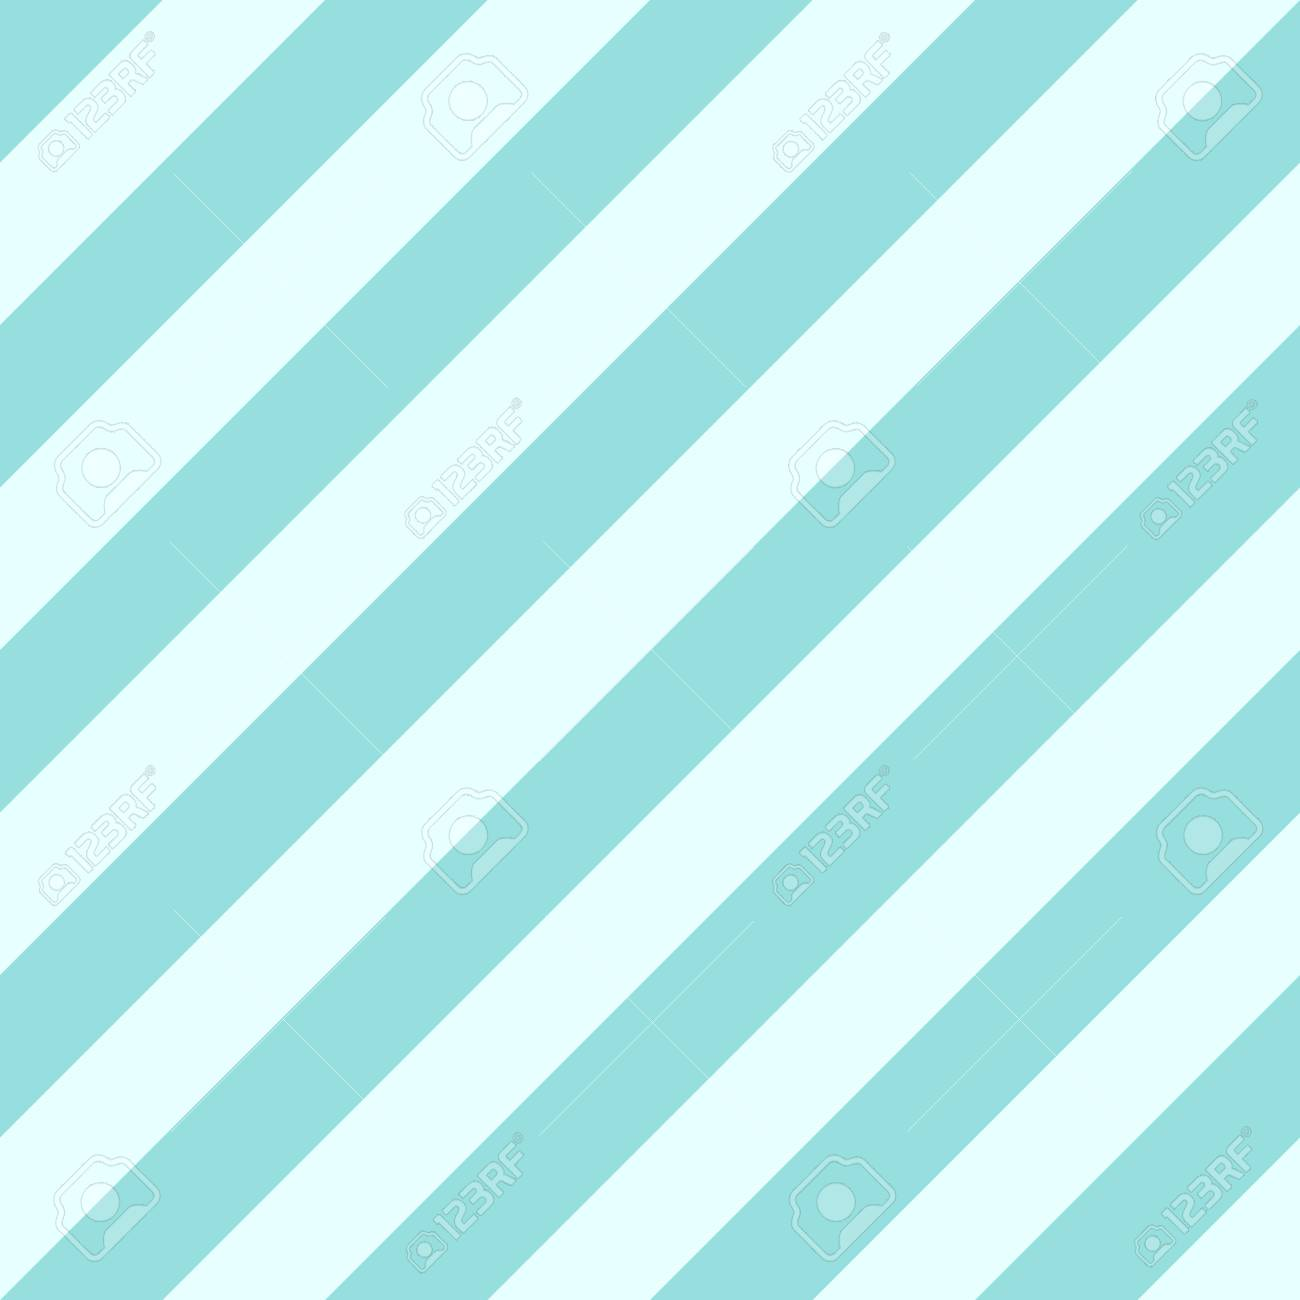 背景パターンのシームレス テクスチャ緑アクア パステル 2 トーン色